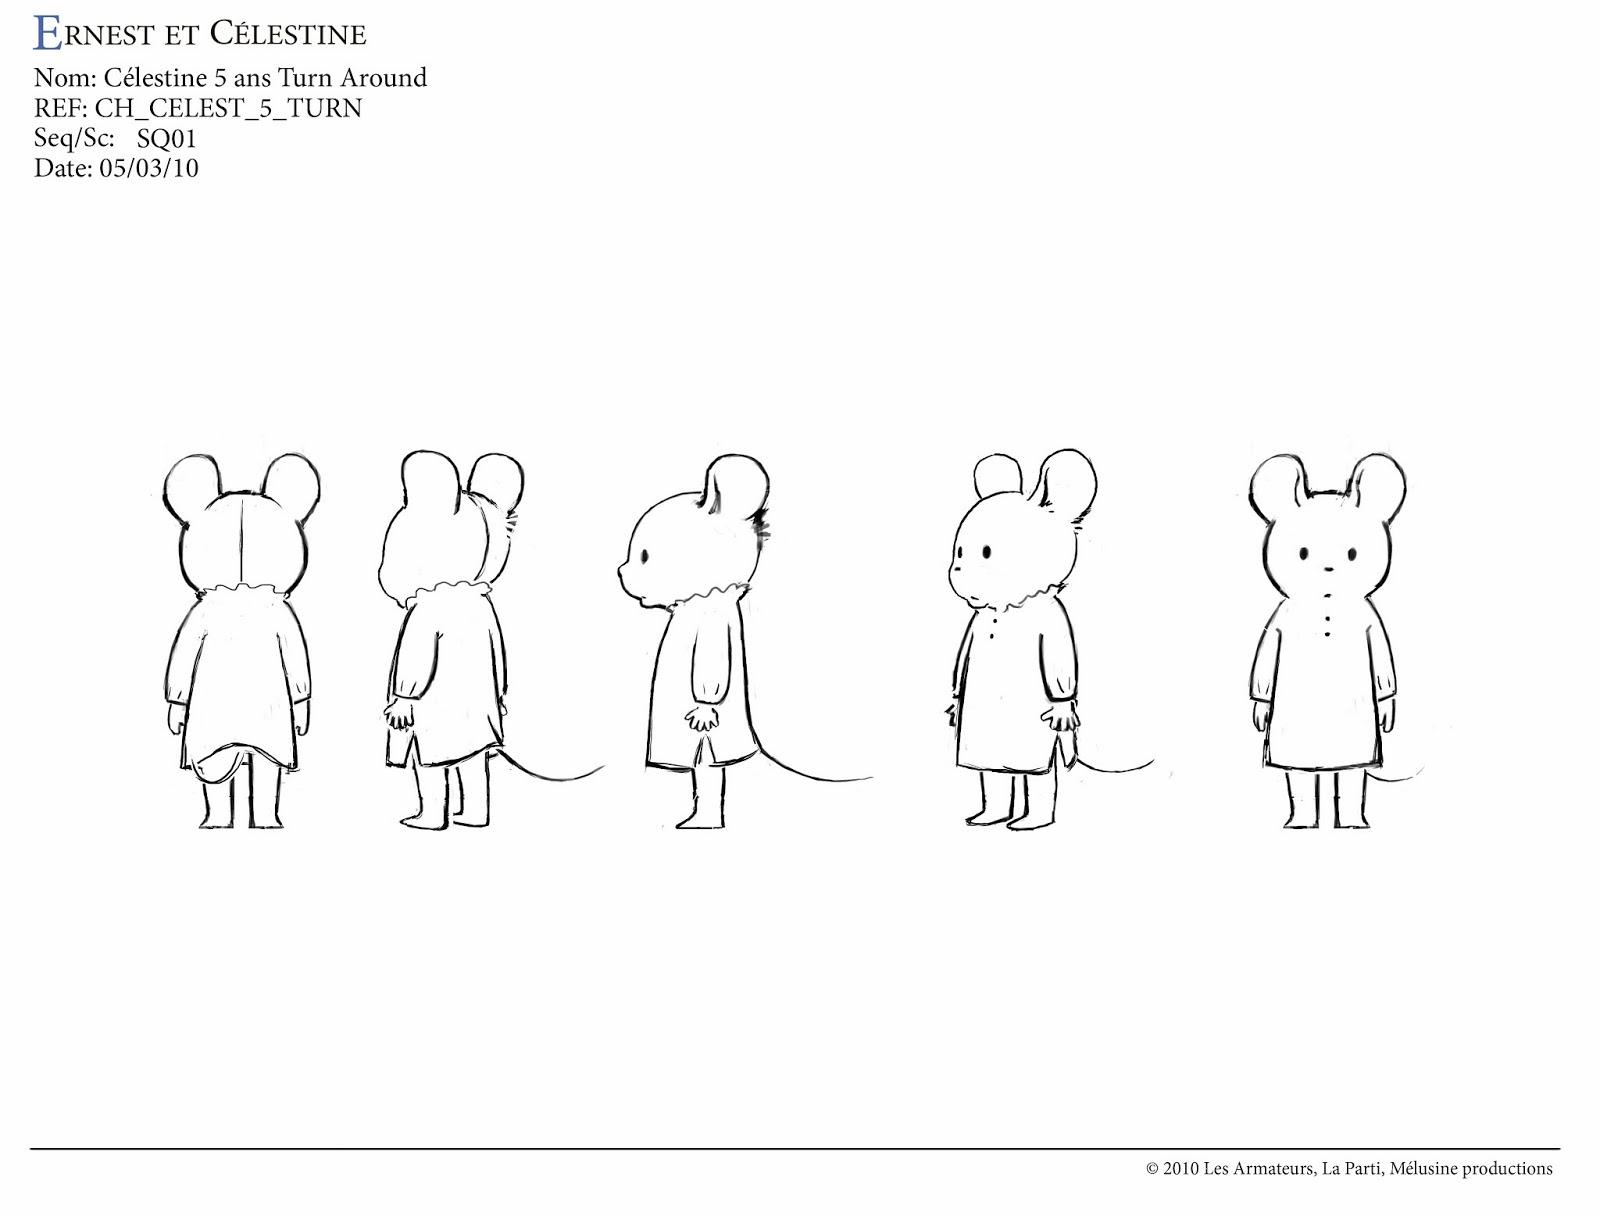 living lines library ernest et c lestine 2012 character design. Black Bedroom Furniture Sets. Home Design Ideas